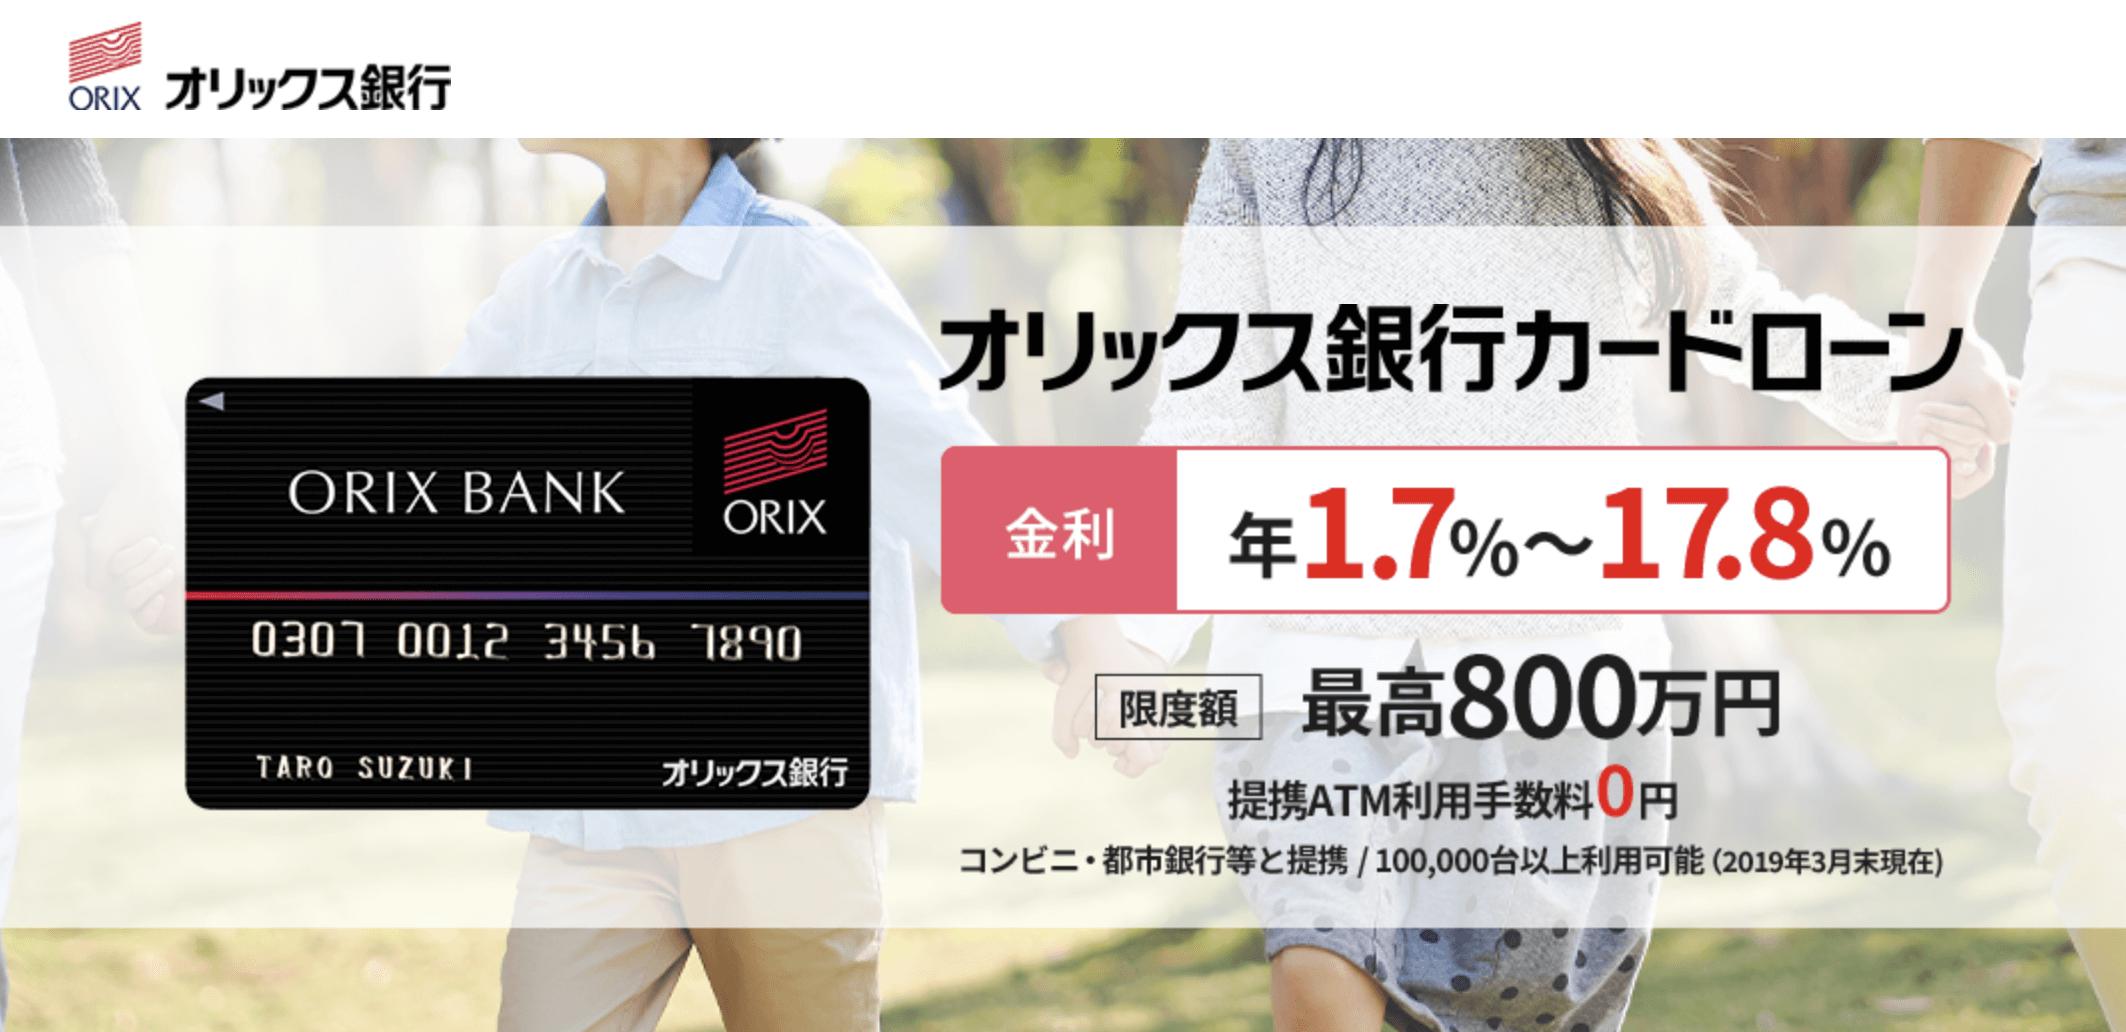 オリックス銀行カードローンの公式ページ